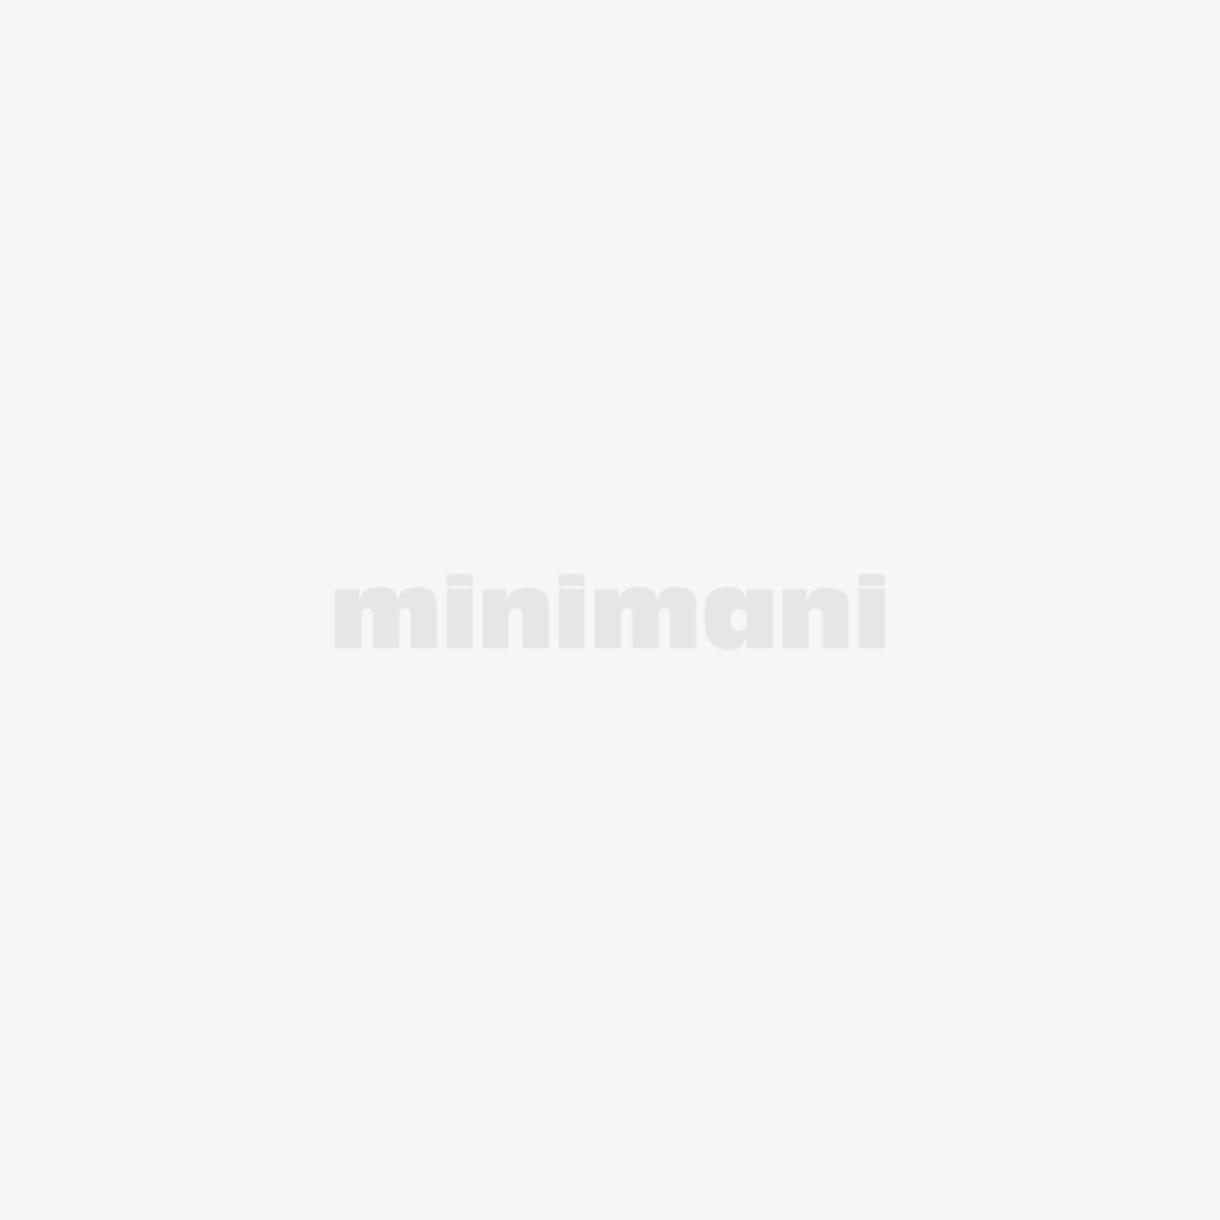 MOONHAMMOCK SINGLE SINI-PINKKI